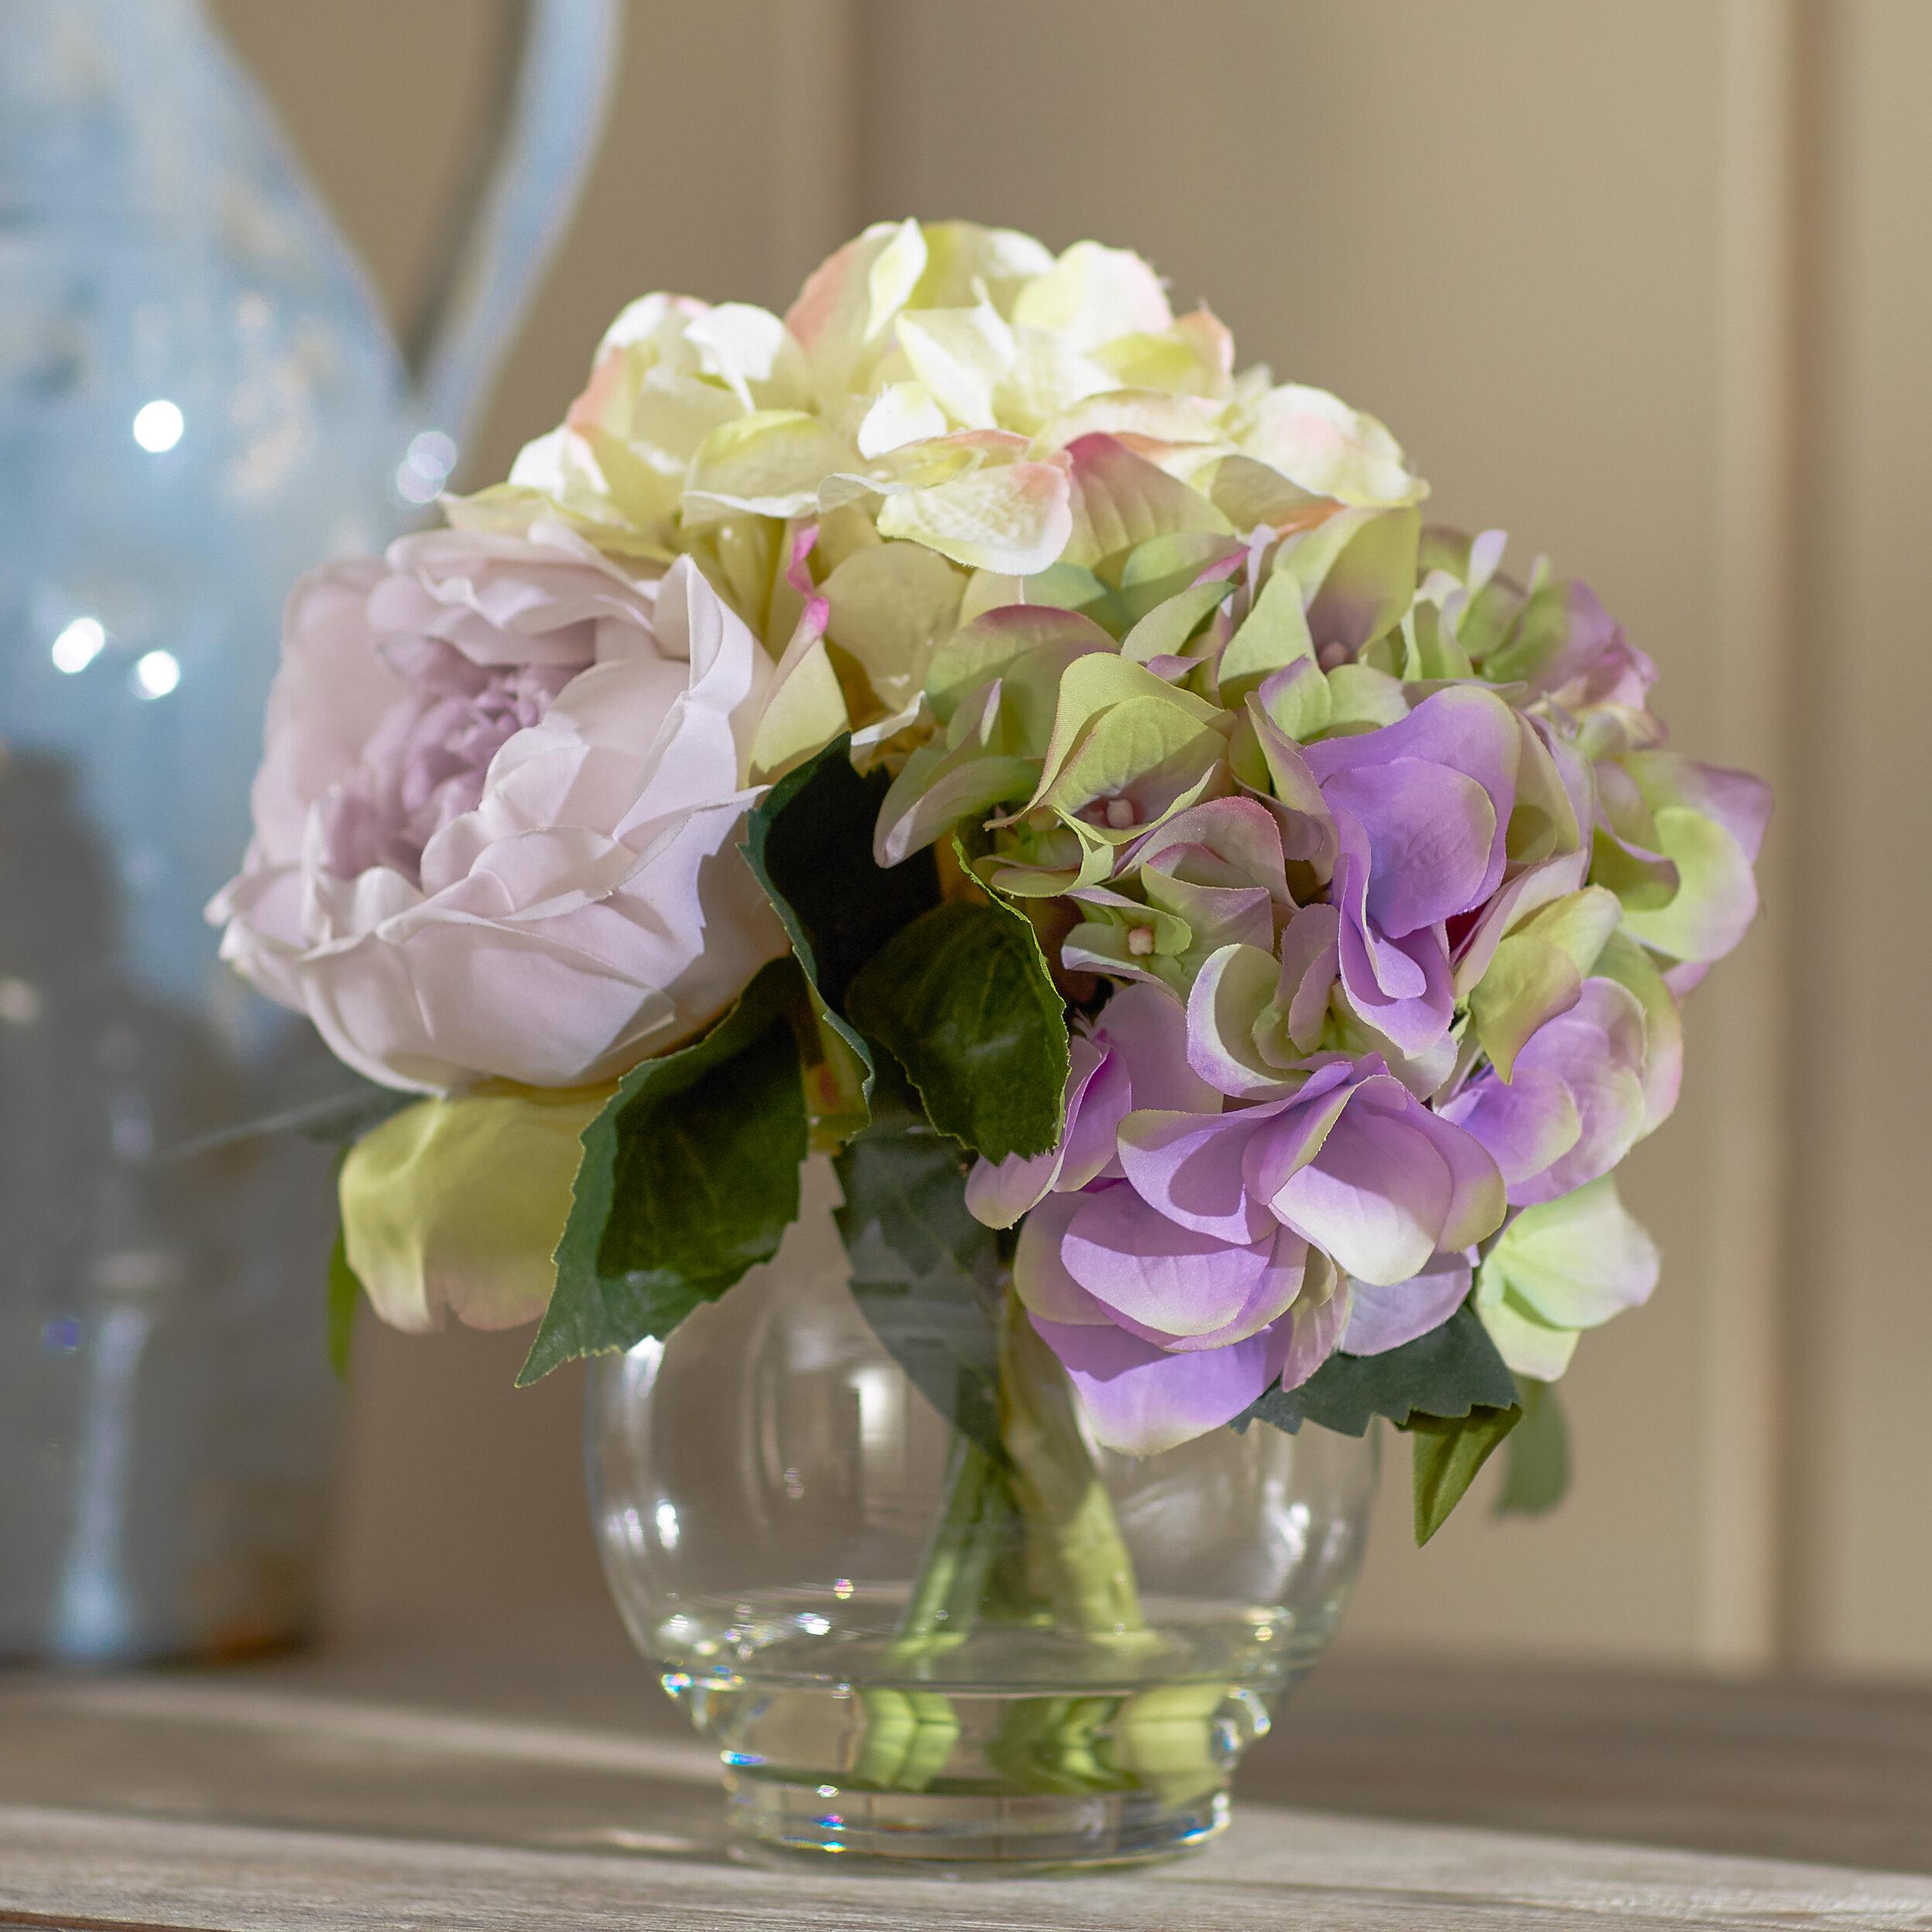 Ophelia Co Lavender Mixed Pastel Floral Bouquet Reviews Wayfair